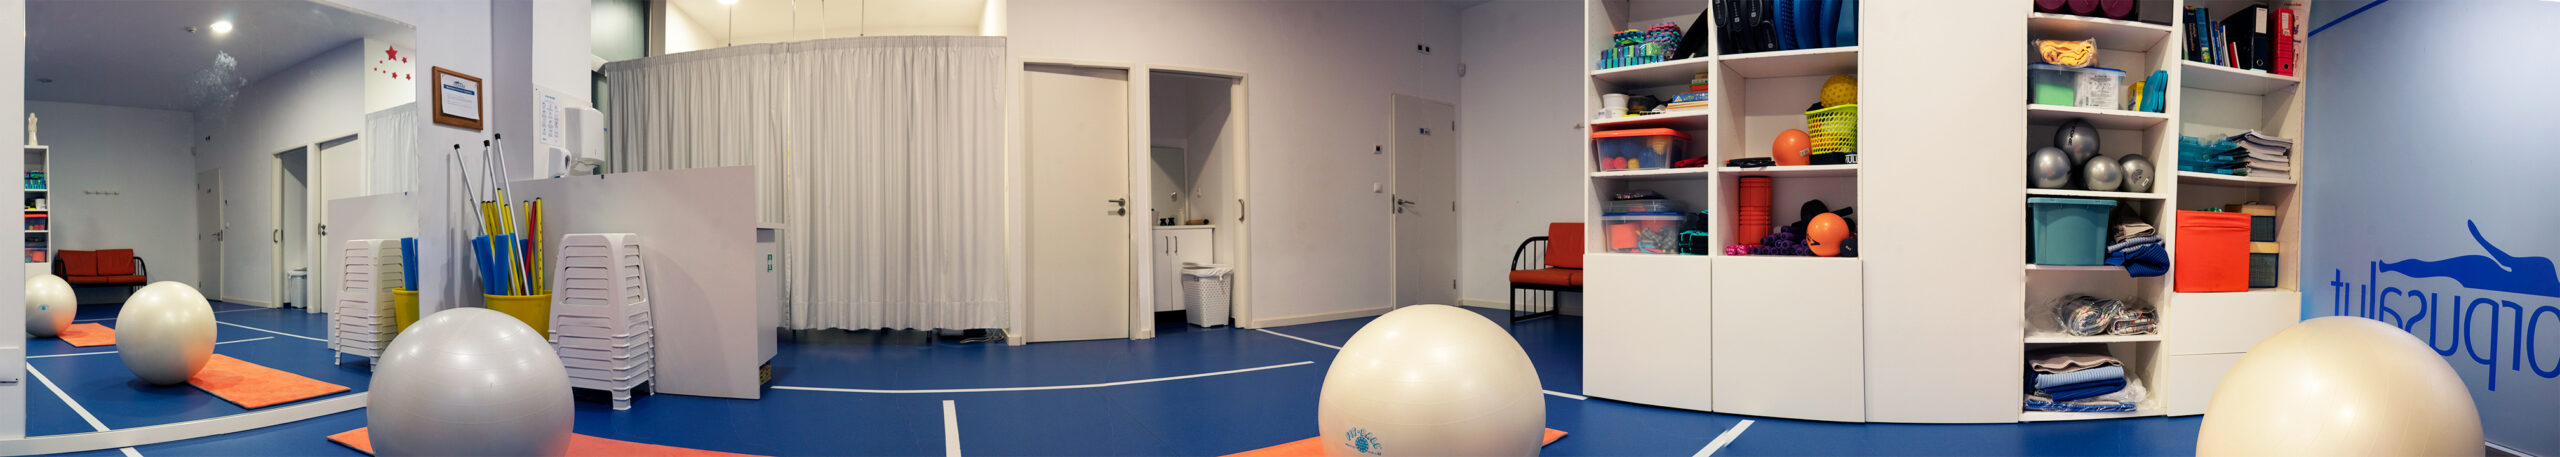 Sala de exercício terapêutico